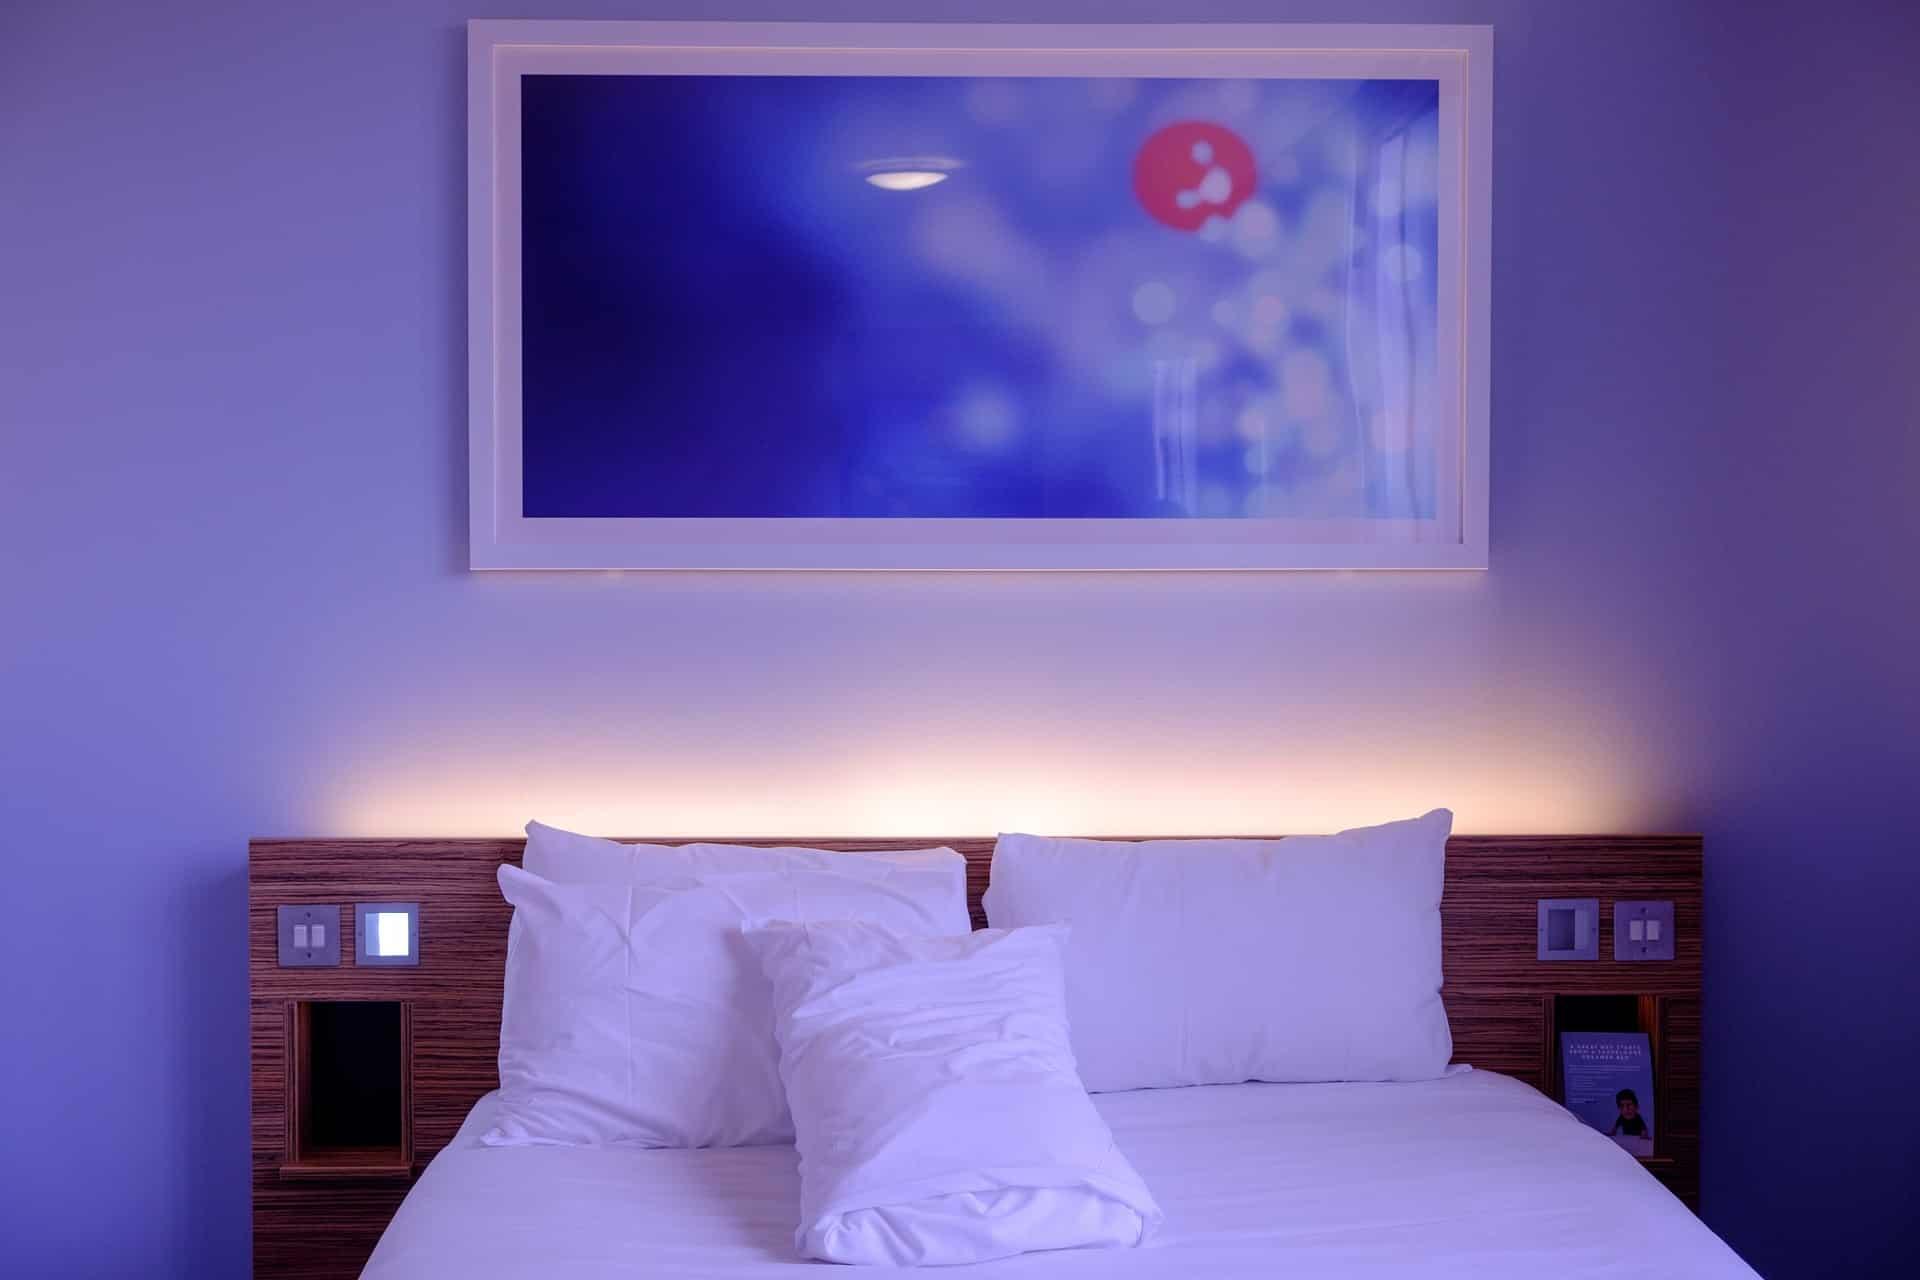 Τι χρειάζεται ένα δωμάτιο ξενοδοχείου για να ξεχωρίσει